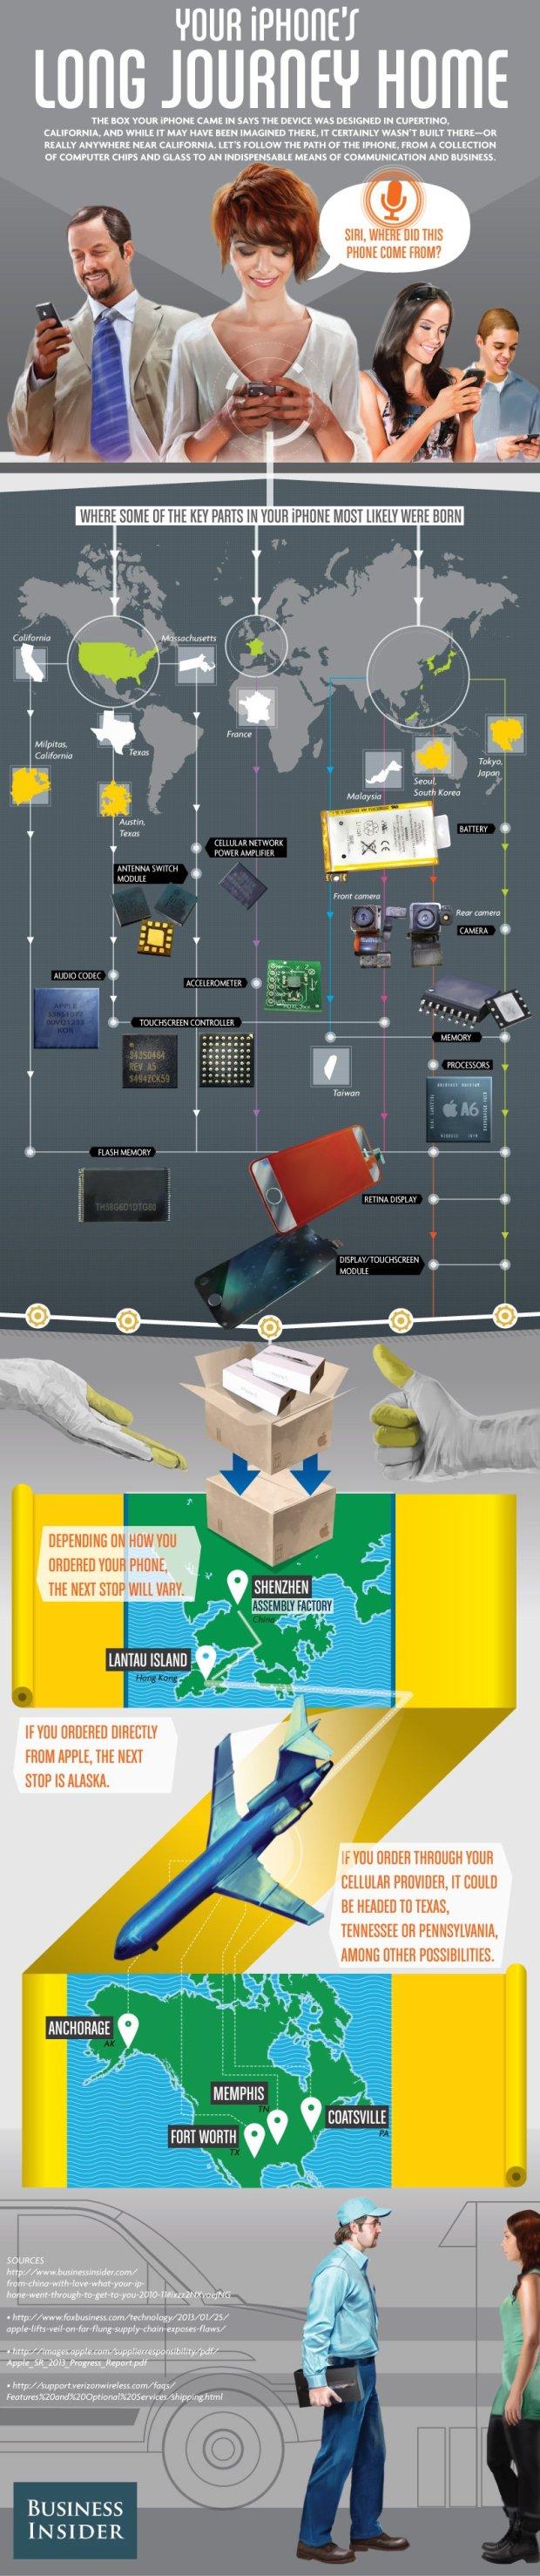 ¿De dónde vienen las partes del iPhone? Esta infografía te lo explica